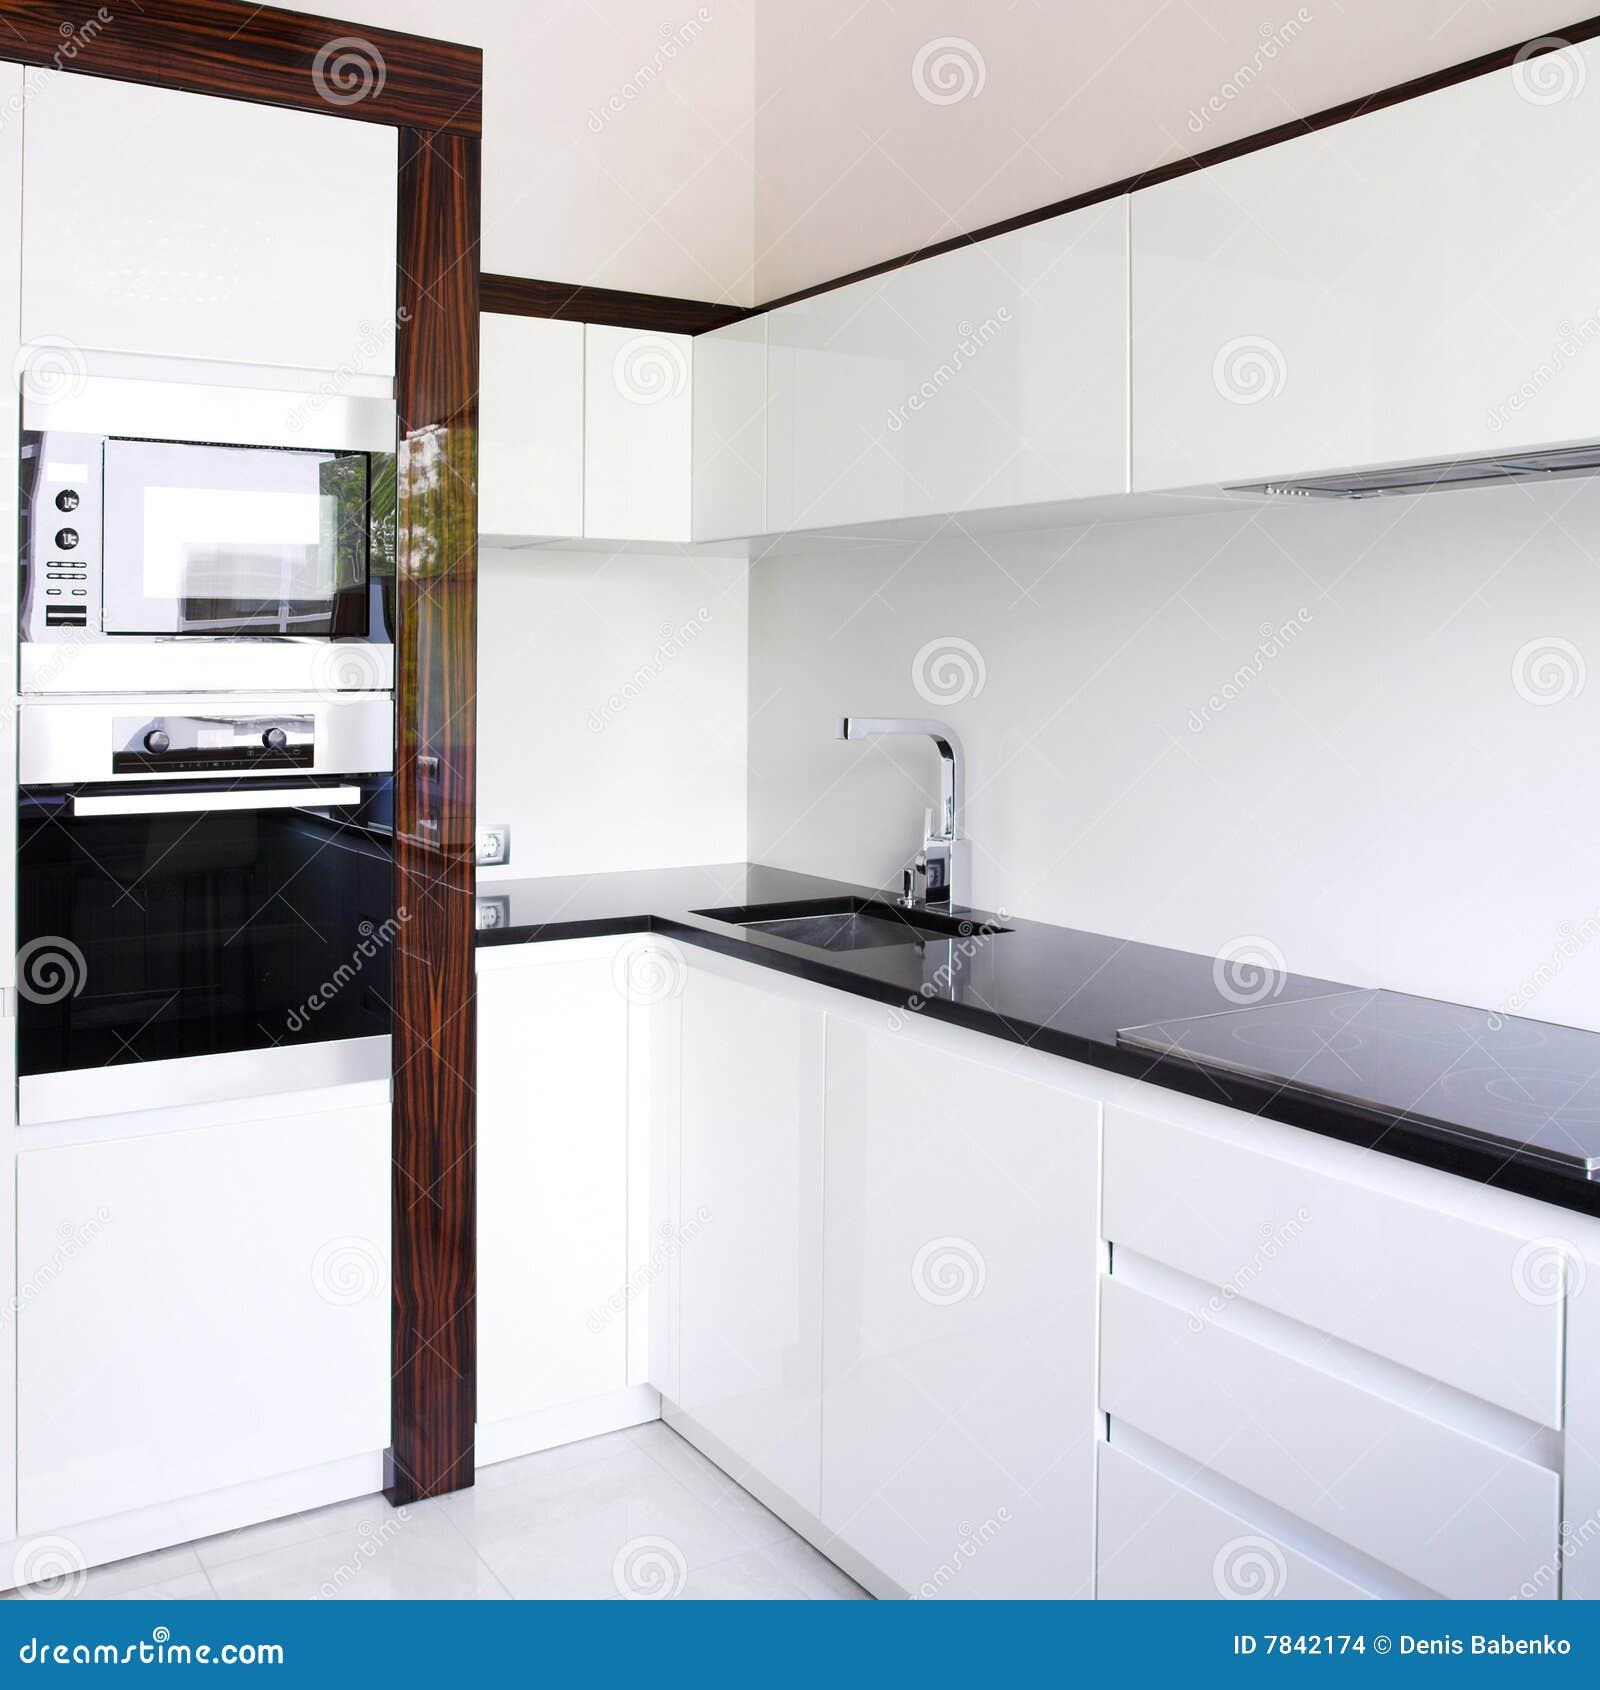 Esquina del interior de la cocina foto de archivo imagen - Cocinas en esquina ...